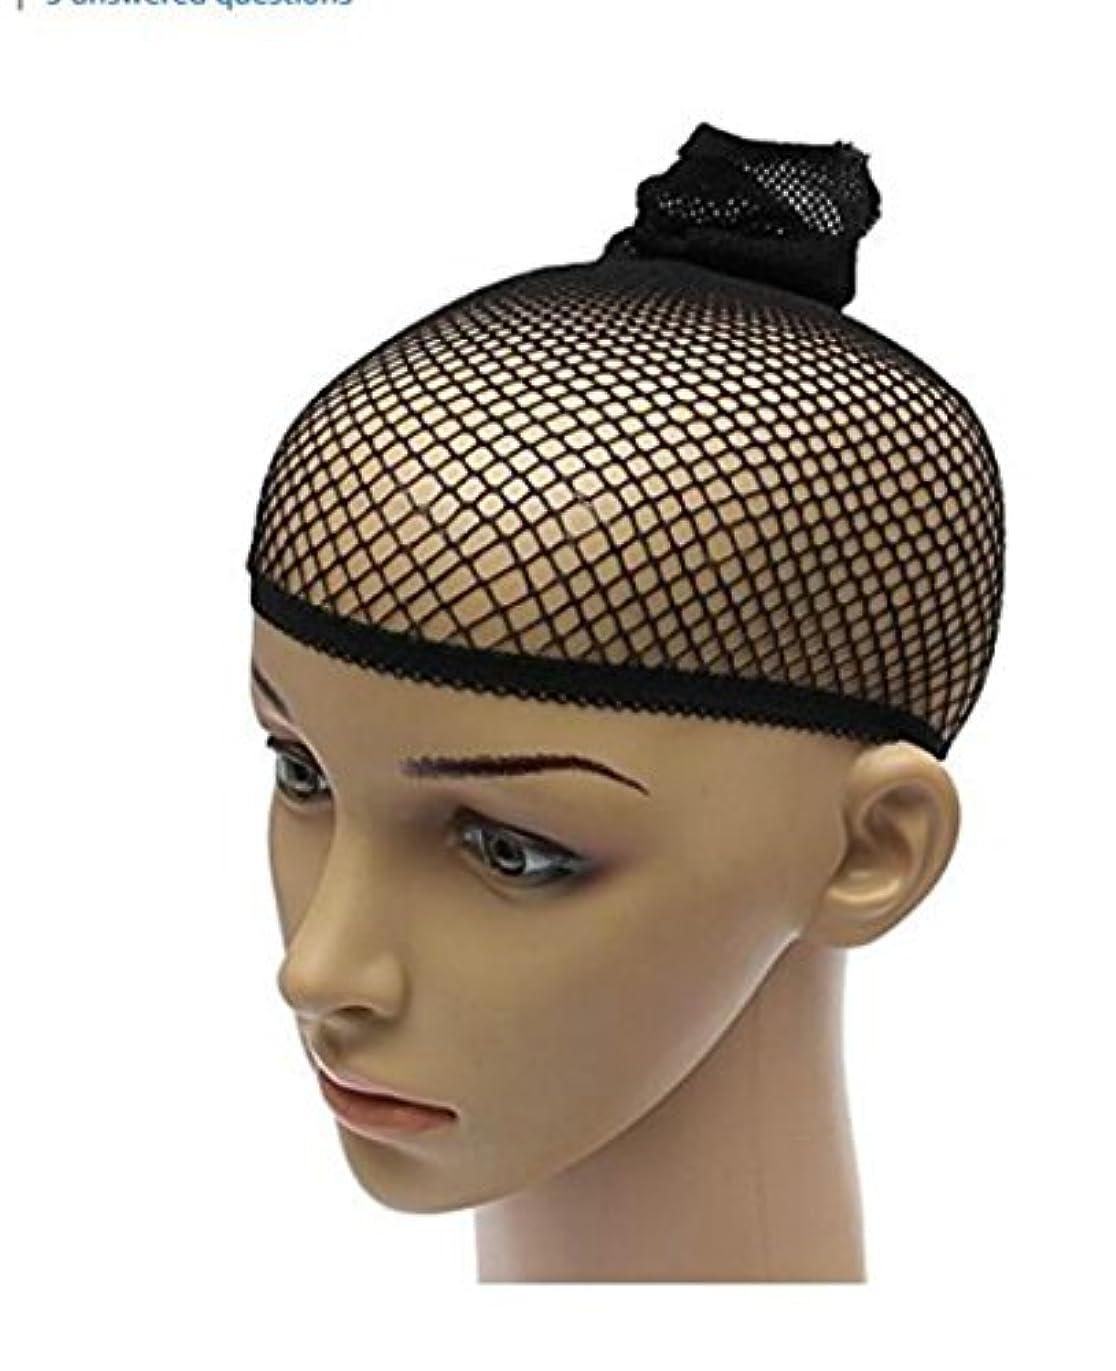 司書行商人鏡TAKIの部屋 ウィッグネット ウィッグ専用 ハロイン変身用 ヘアーネット 筒型 ブラック フリーサイズ ユニセックス